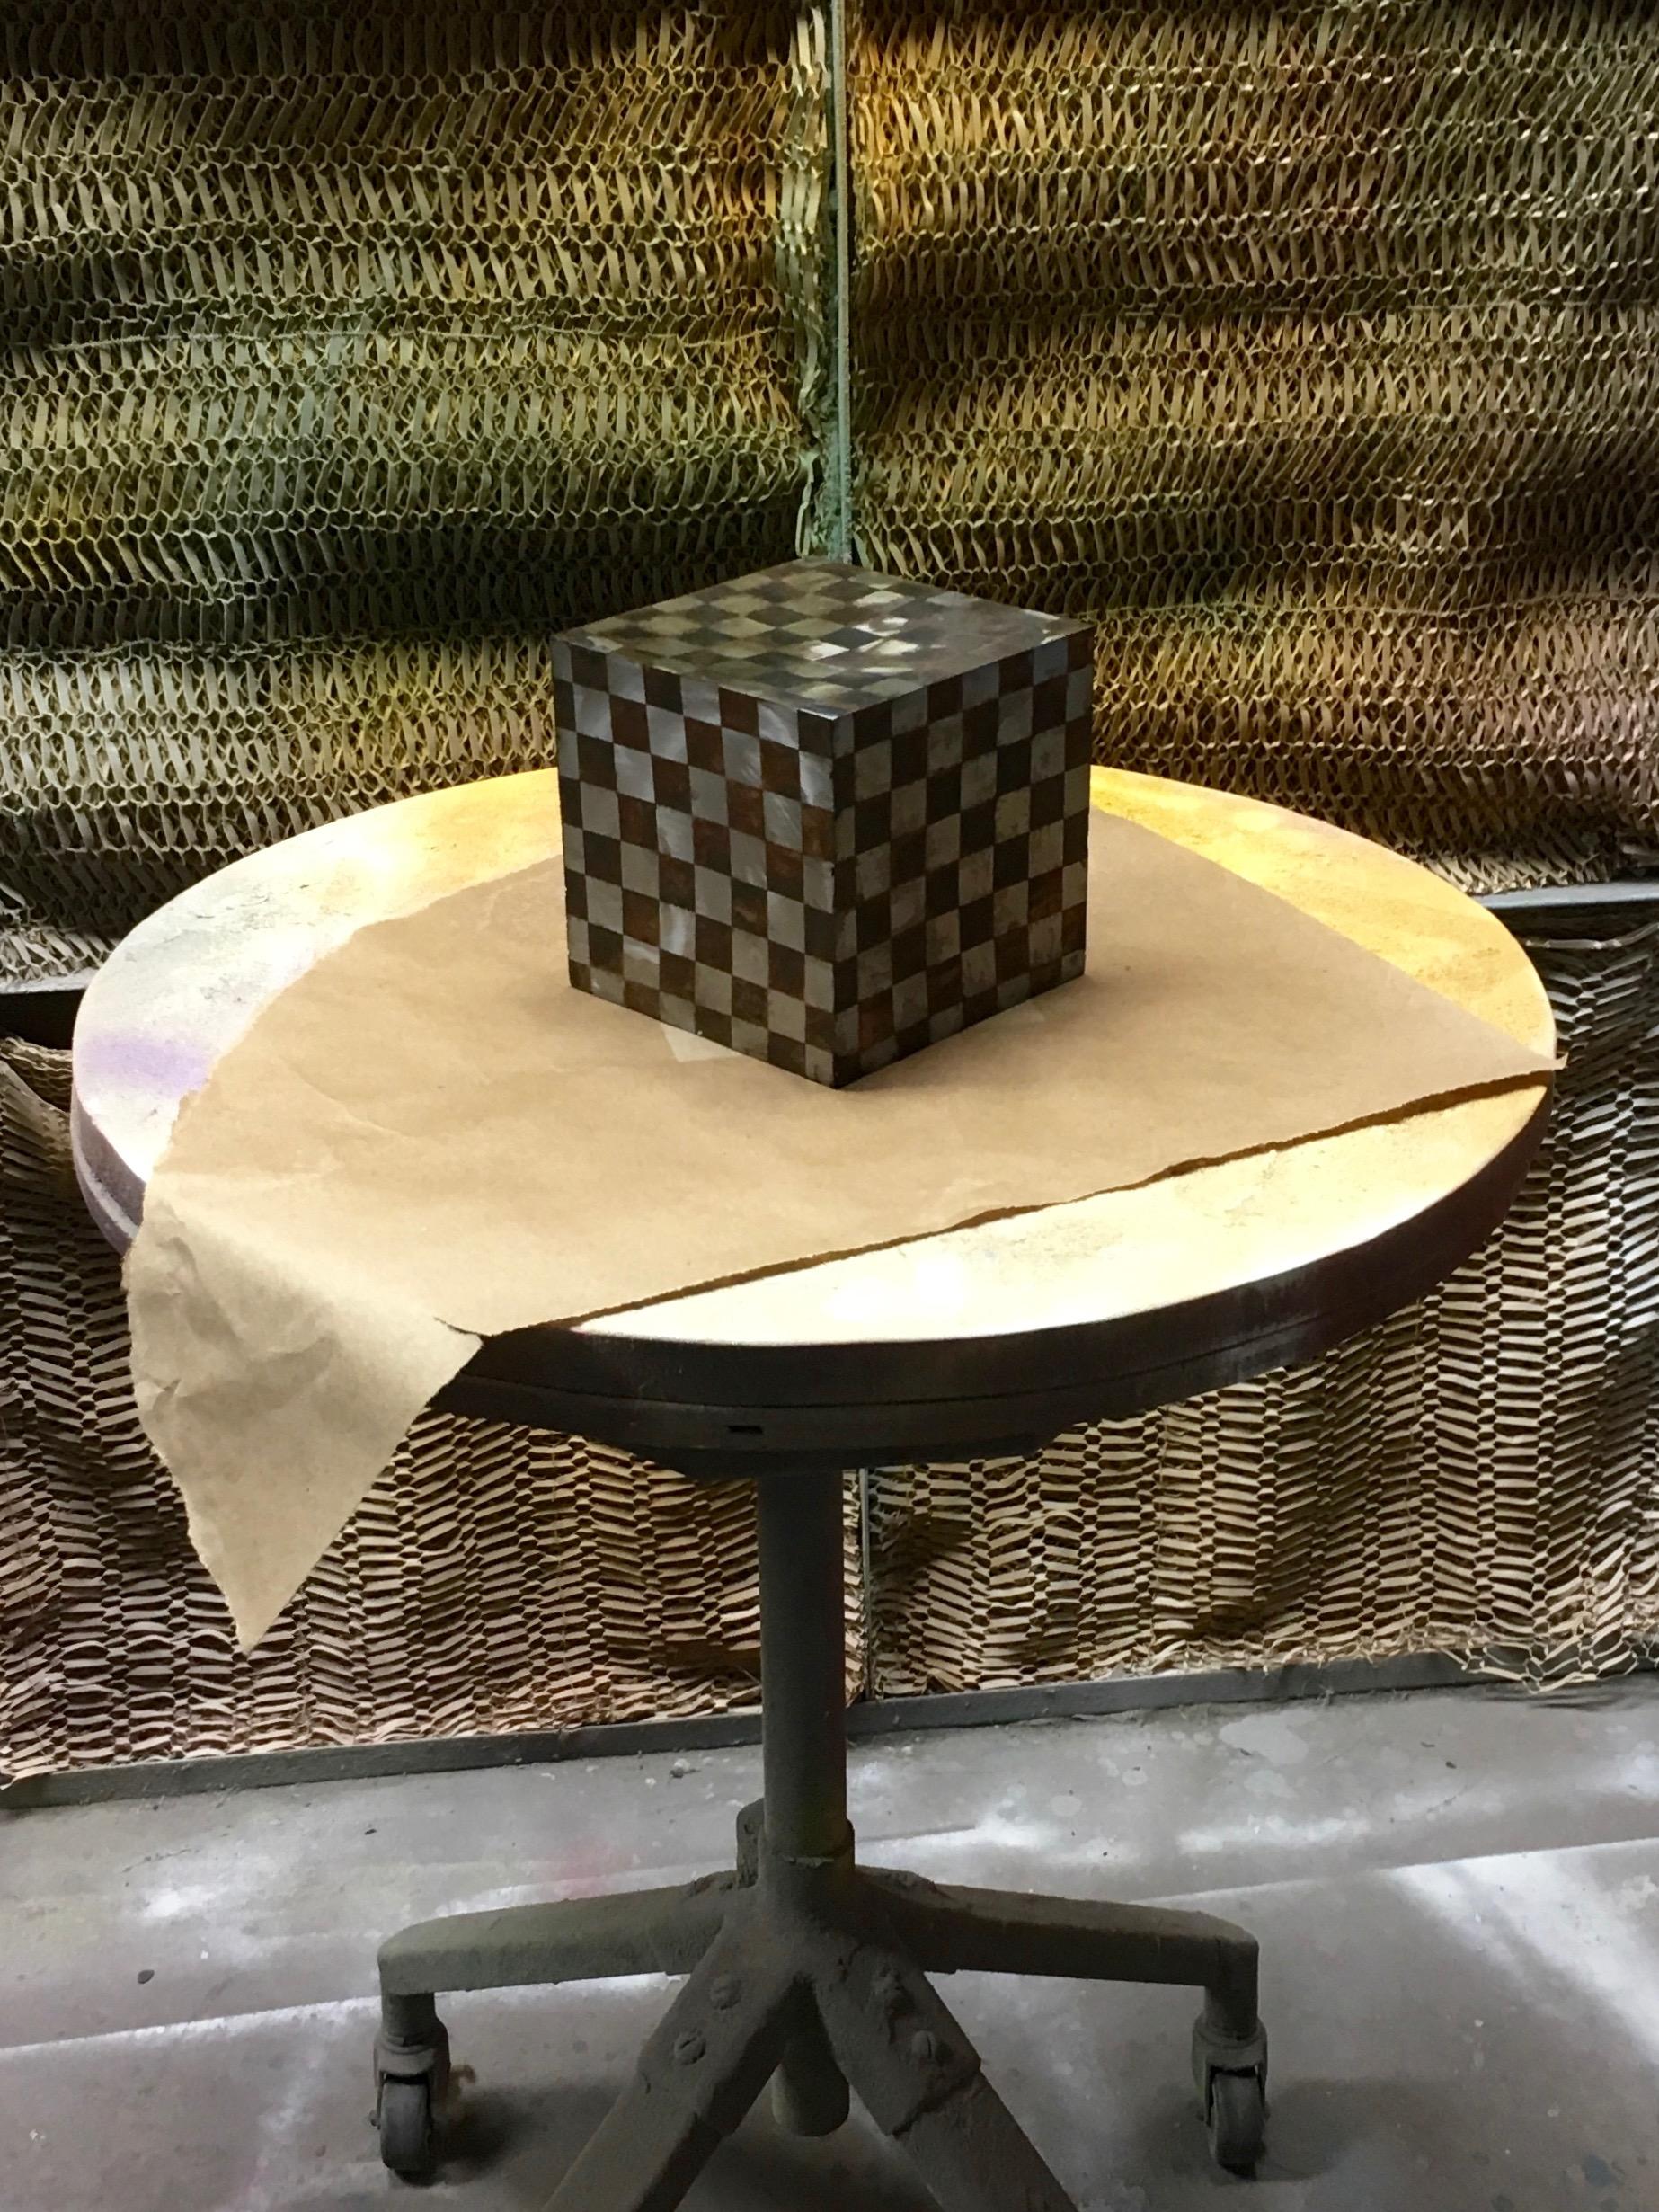 Steel cube 2017